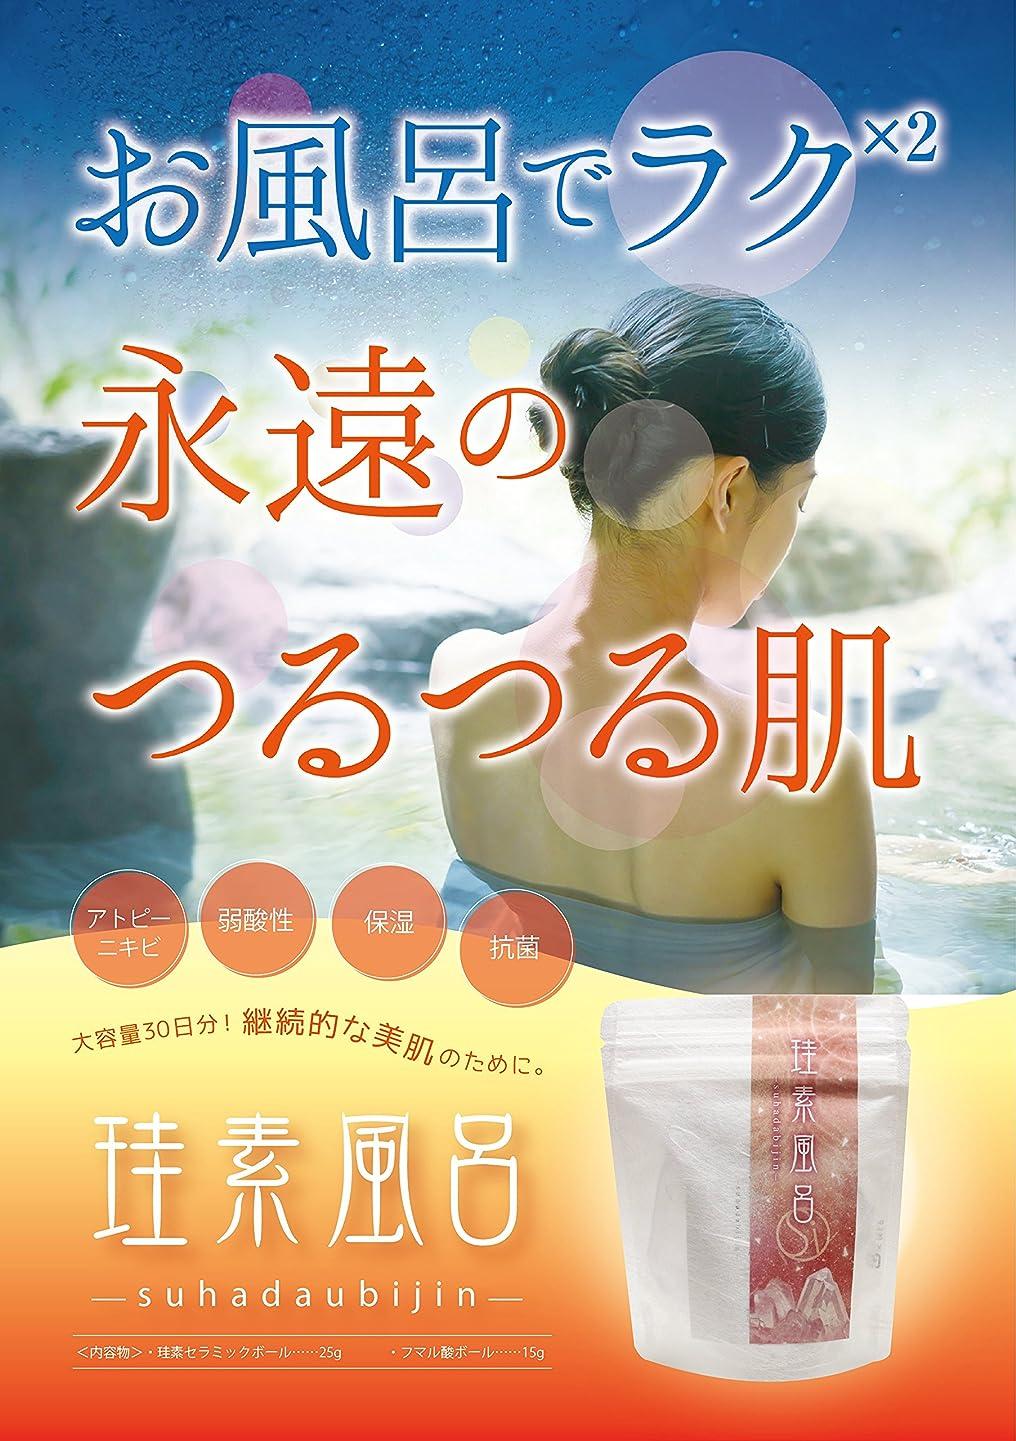 フィルタ夢アテンダント珪素風呂-suhadabijin-